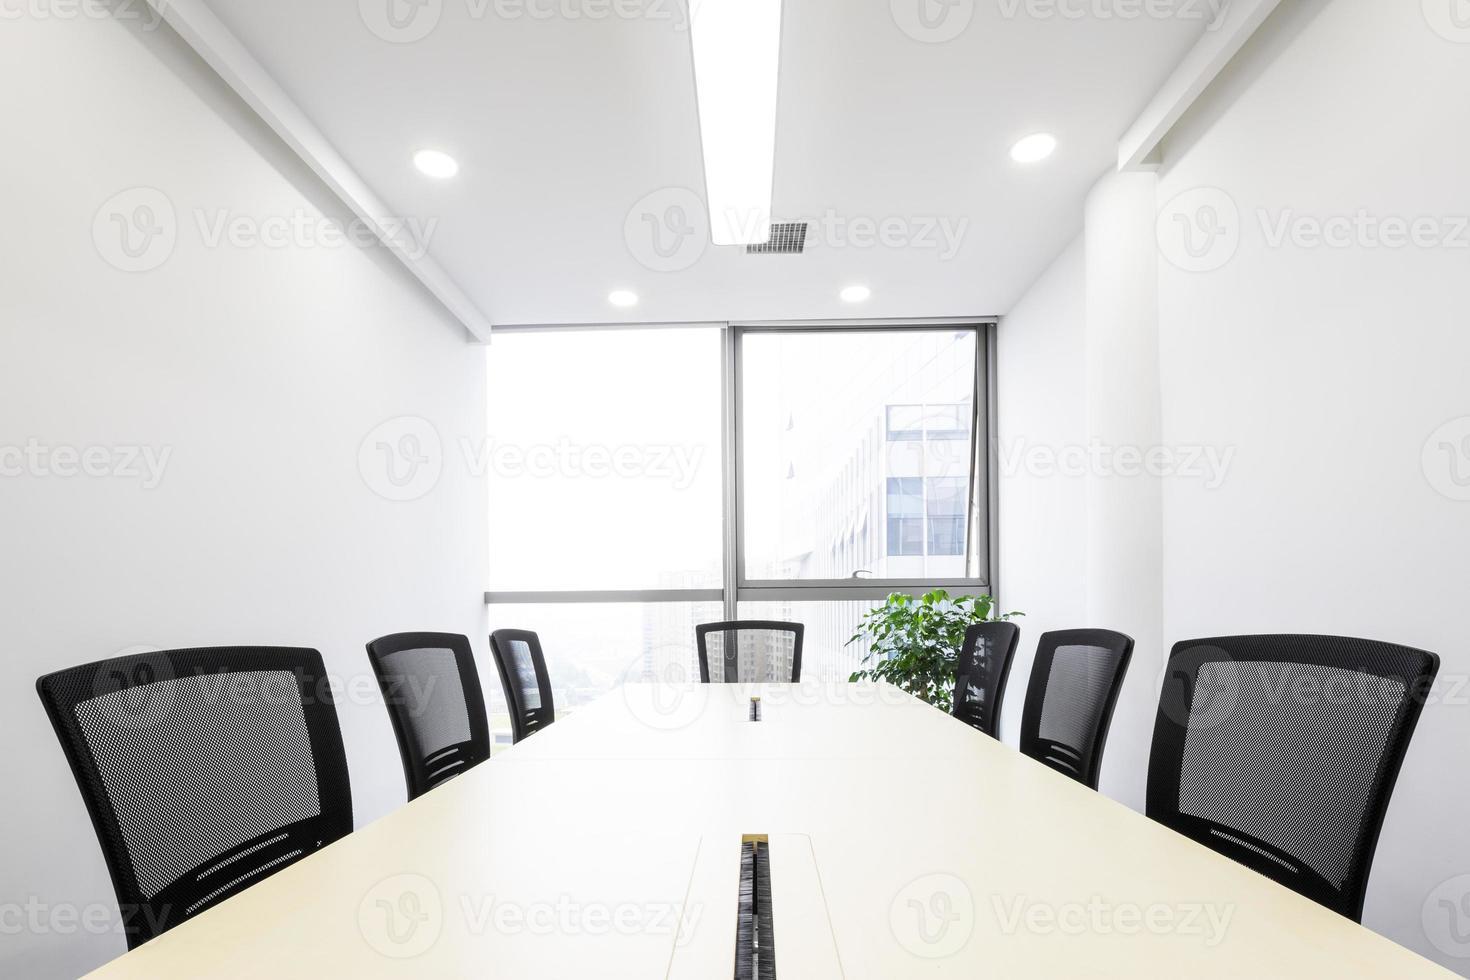 interiör i mötesrummet på moder kontoret foto